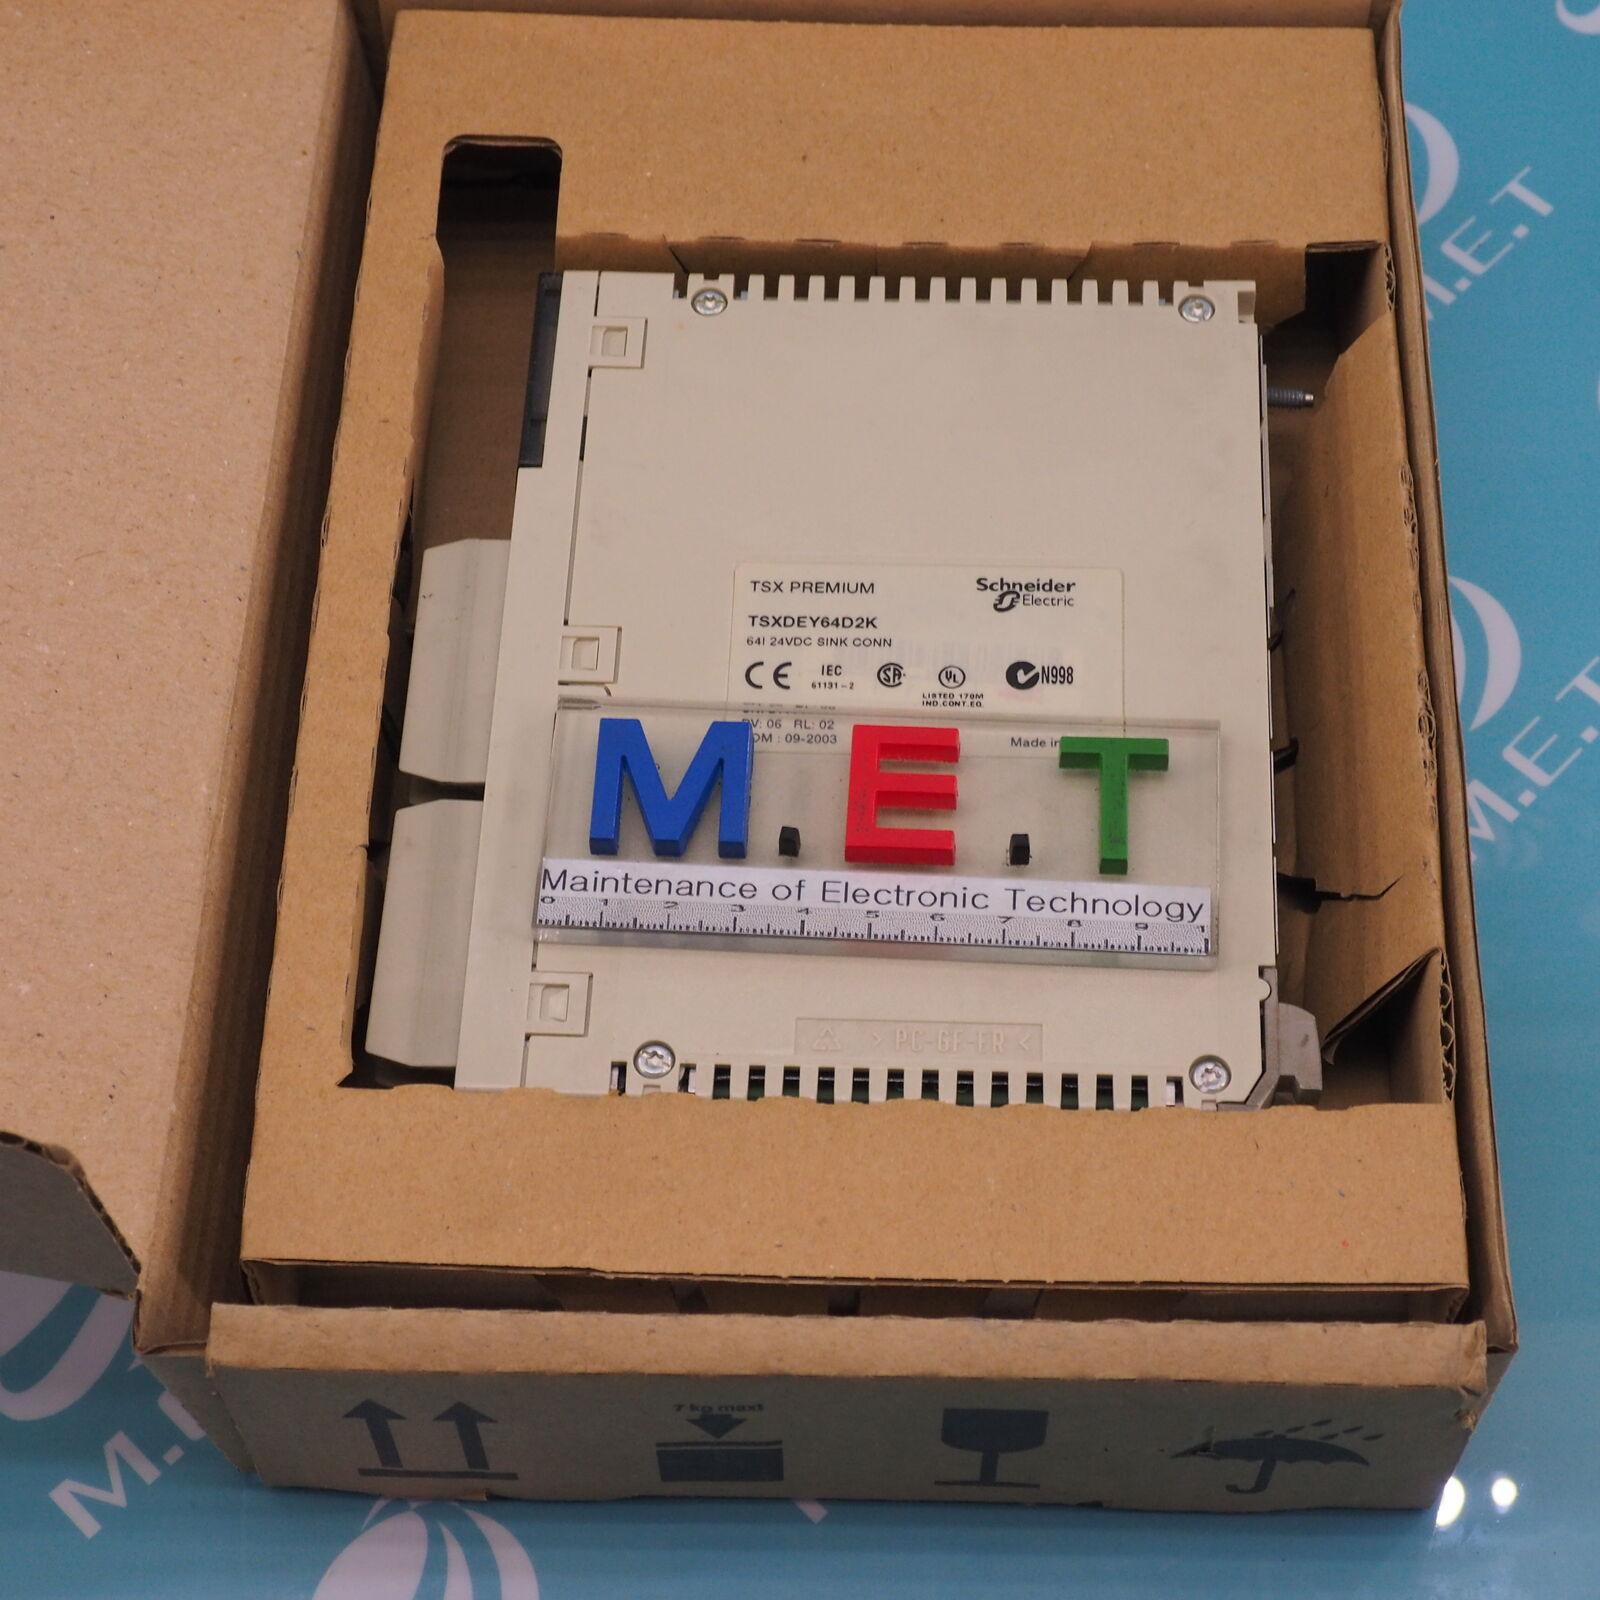 USED Schneider TSXDEY64D2K Premium Sink Connection Input Module PV:06 RL:02